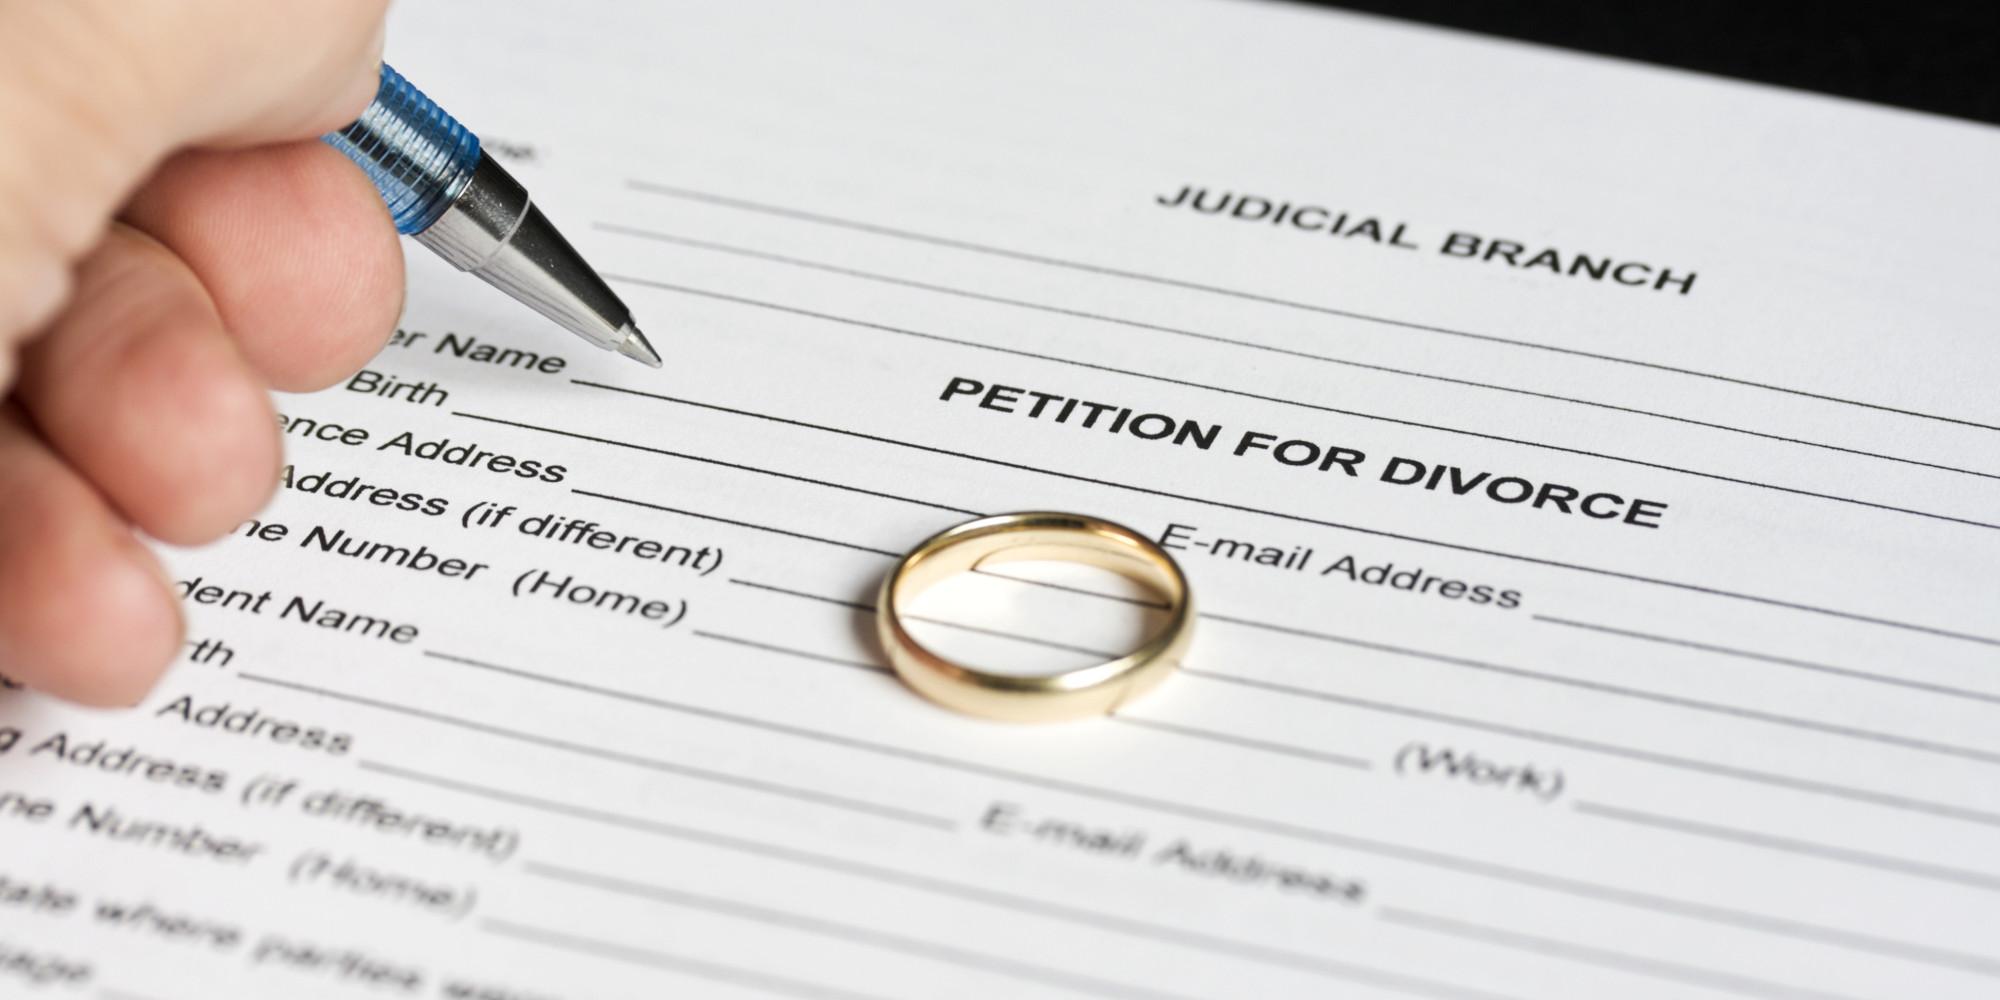 Đơn xin ly hôn đơn phương mua ở đâu?